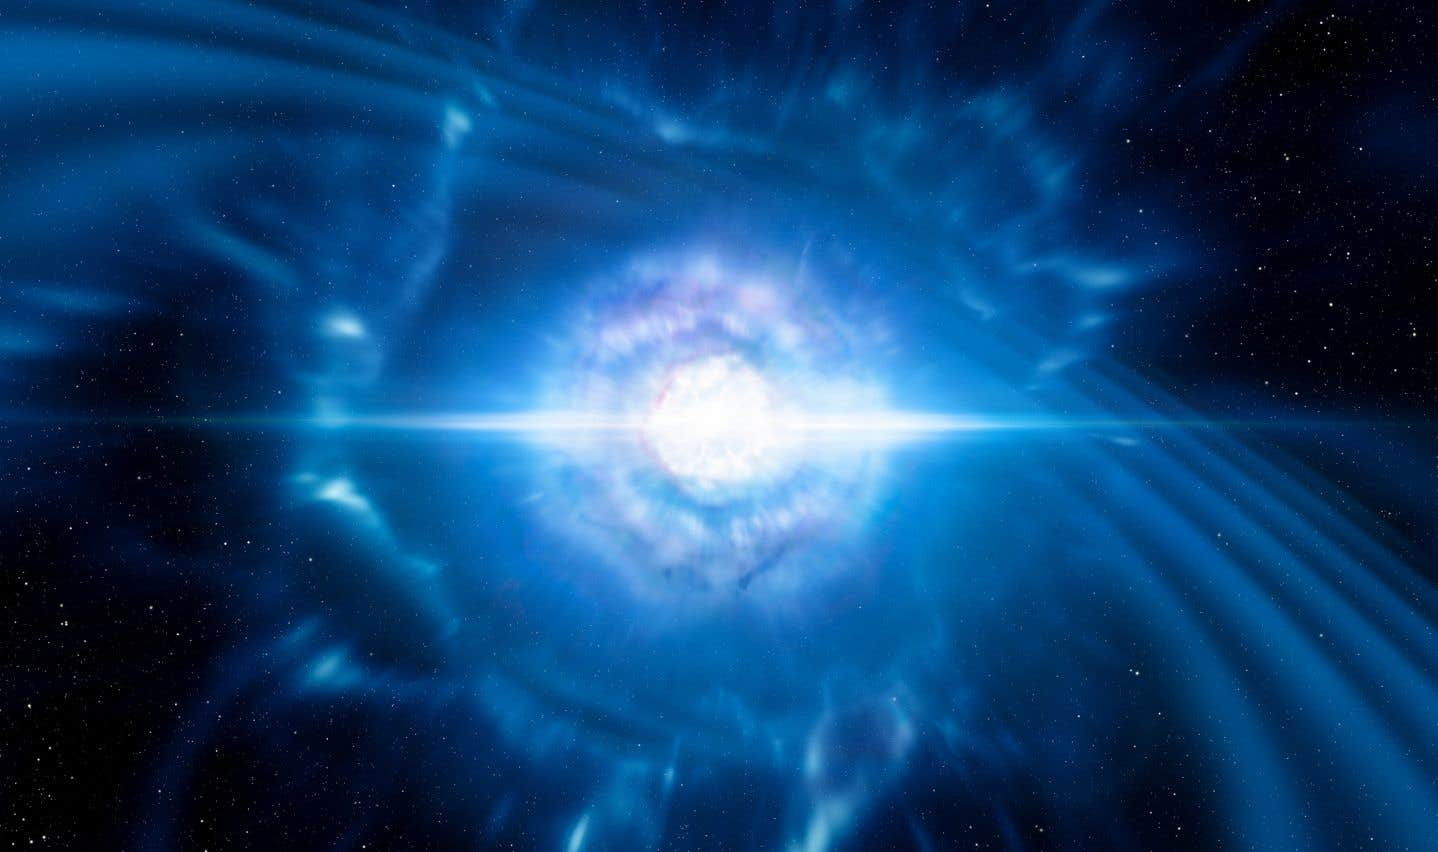 La fusion de deux étoiles à neutrons a été observée et décortiquée pour la première fois.